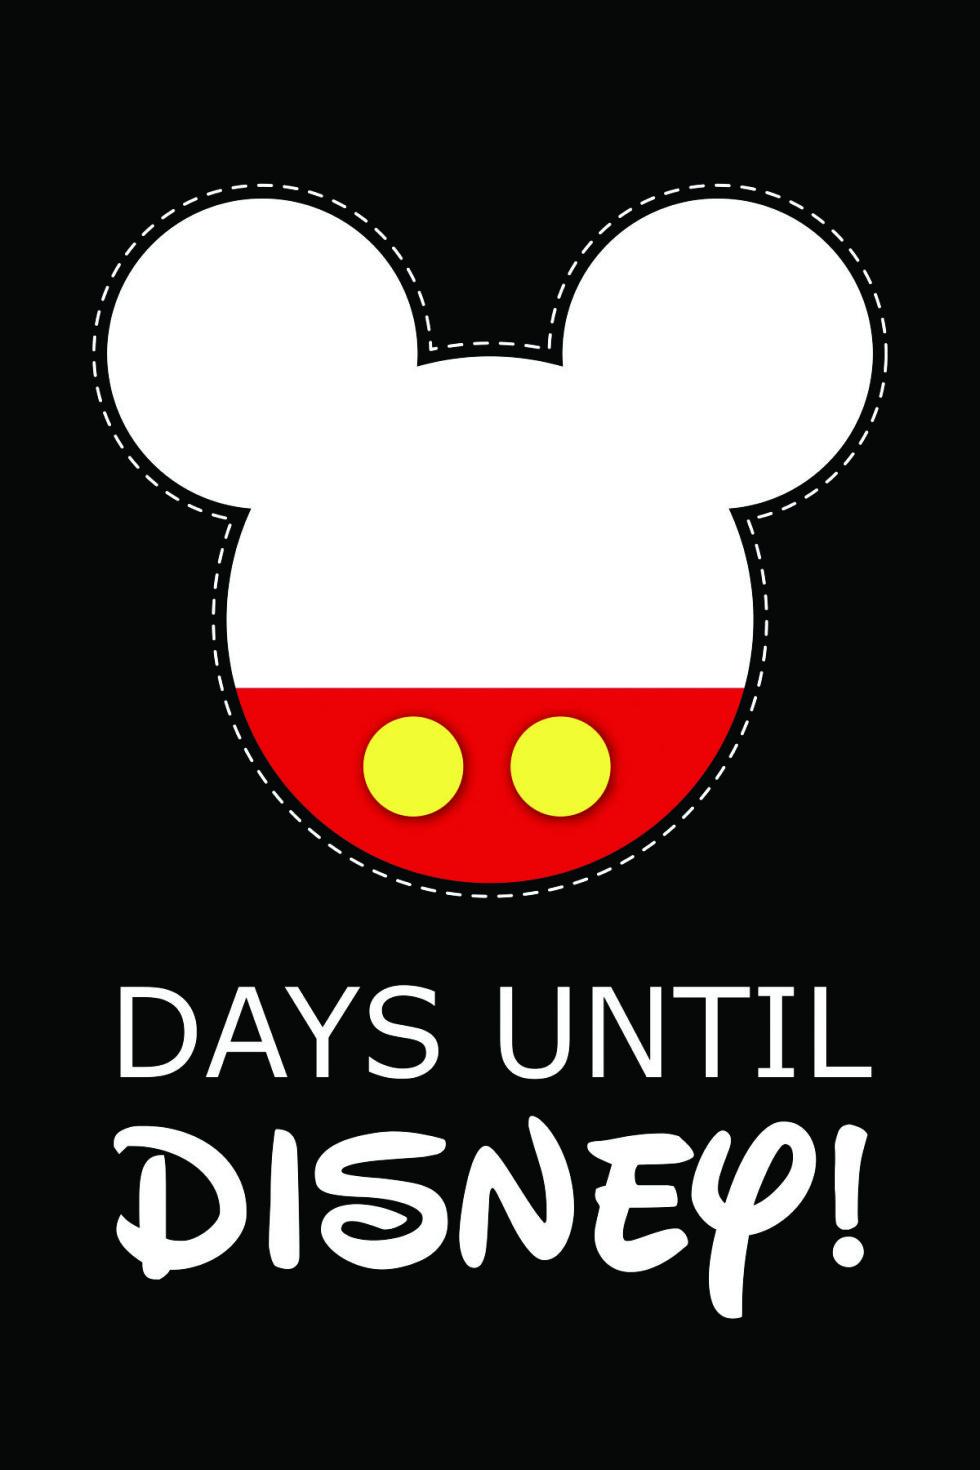 10 Fun Printable Disney Countdown Calendars | Kittybabylove for Disney World Countdown Calendar Printable